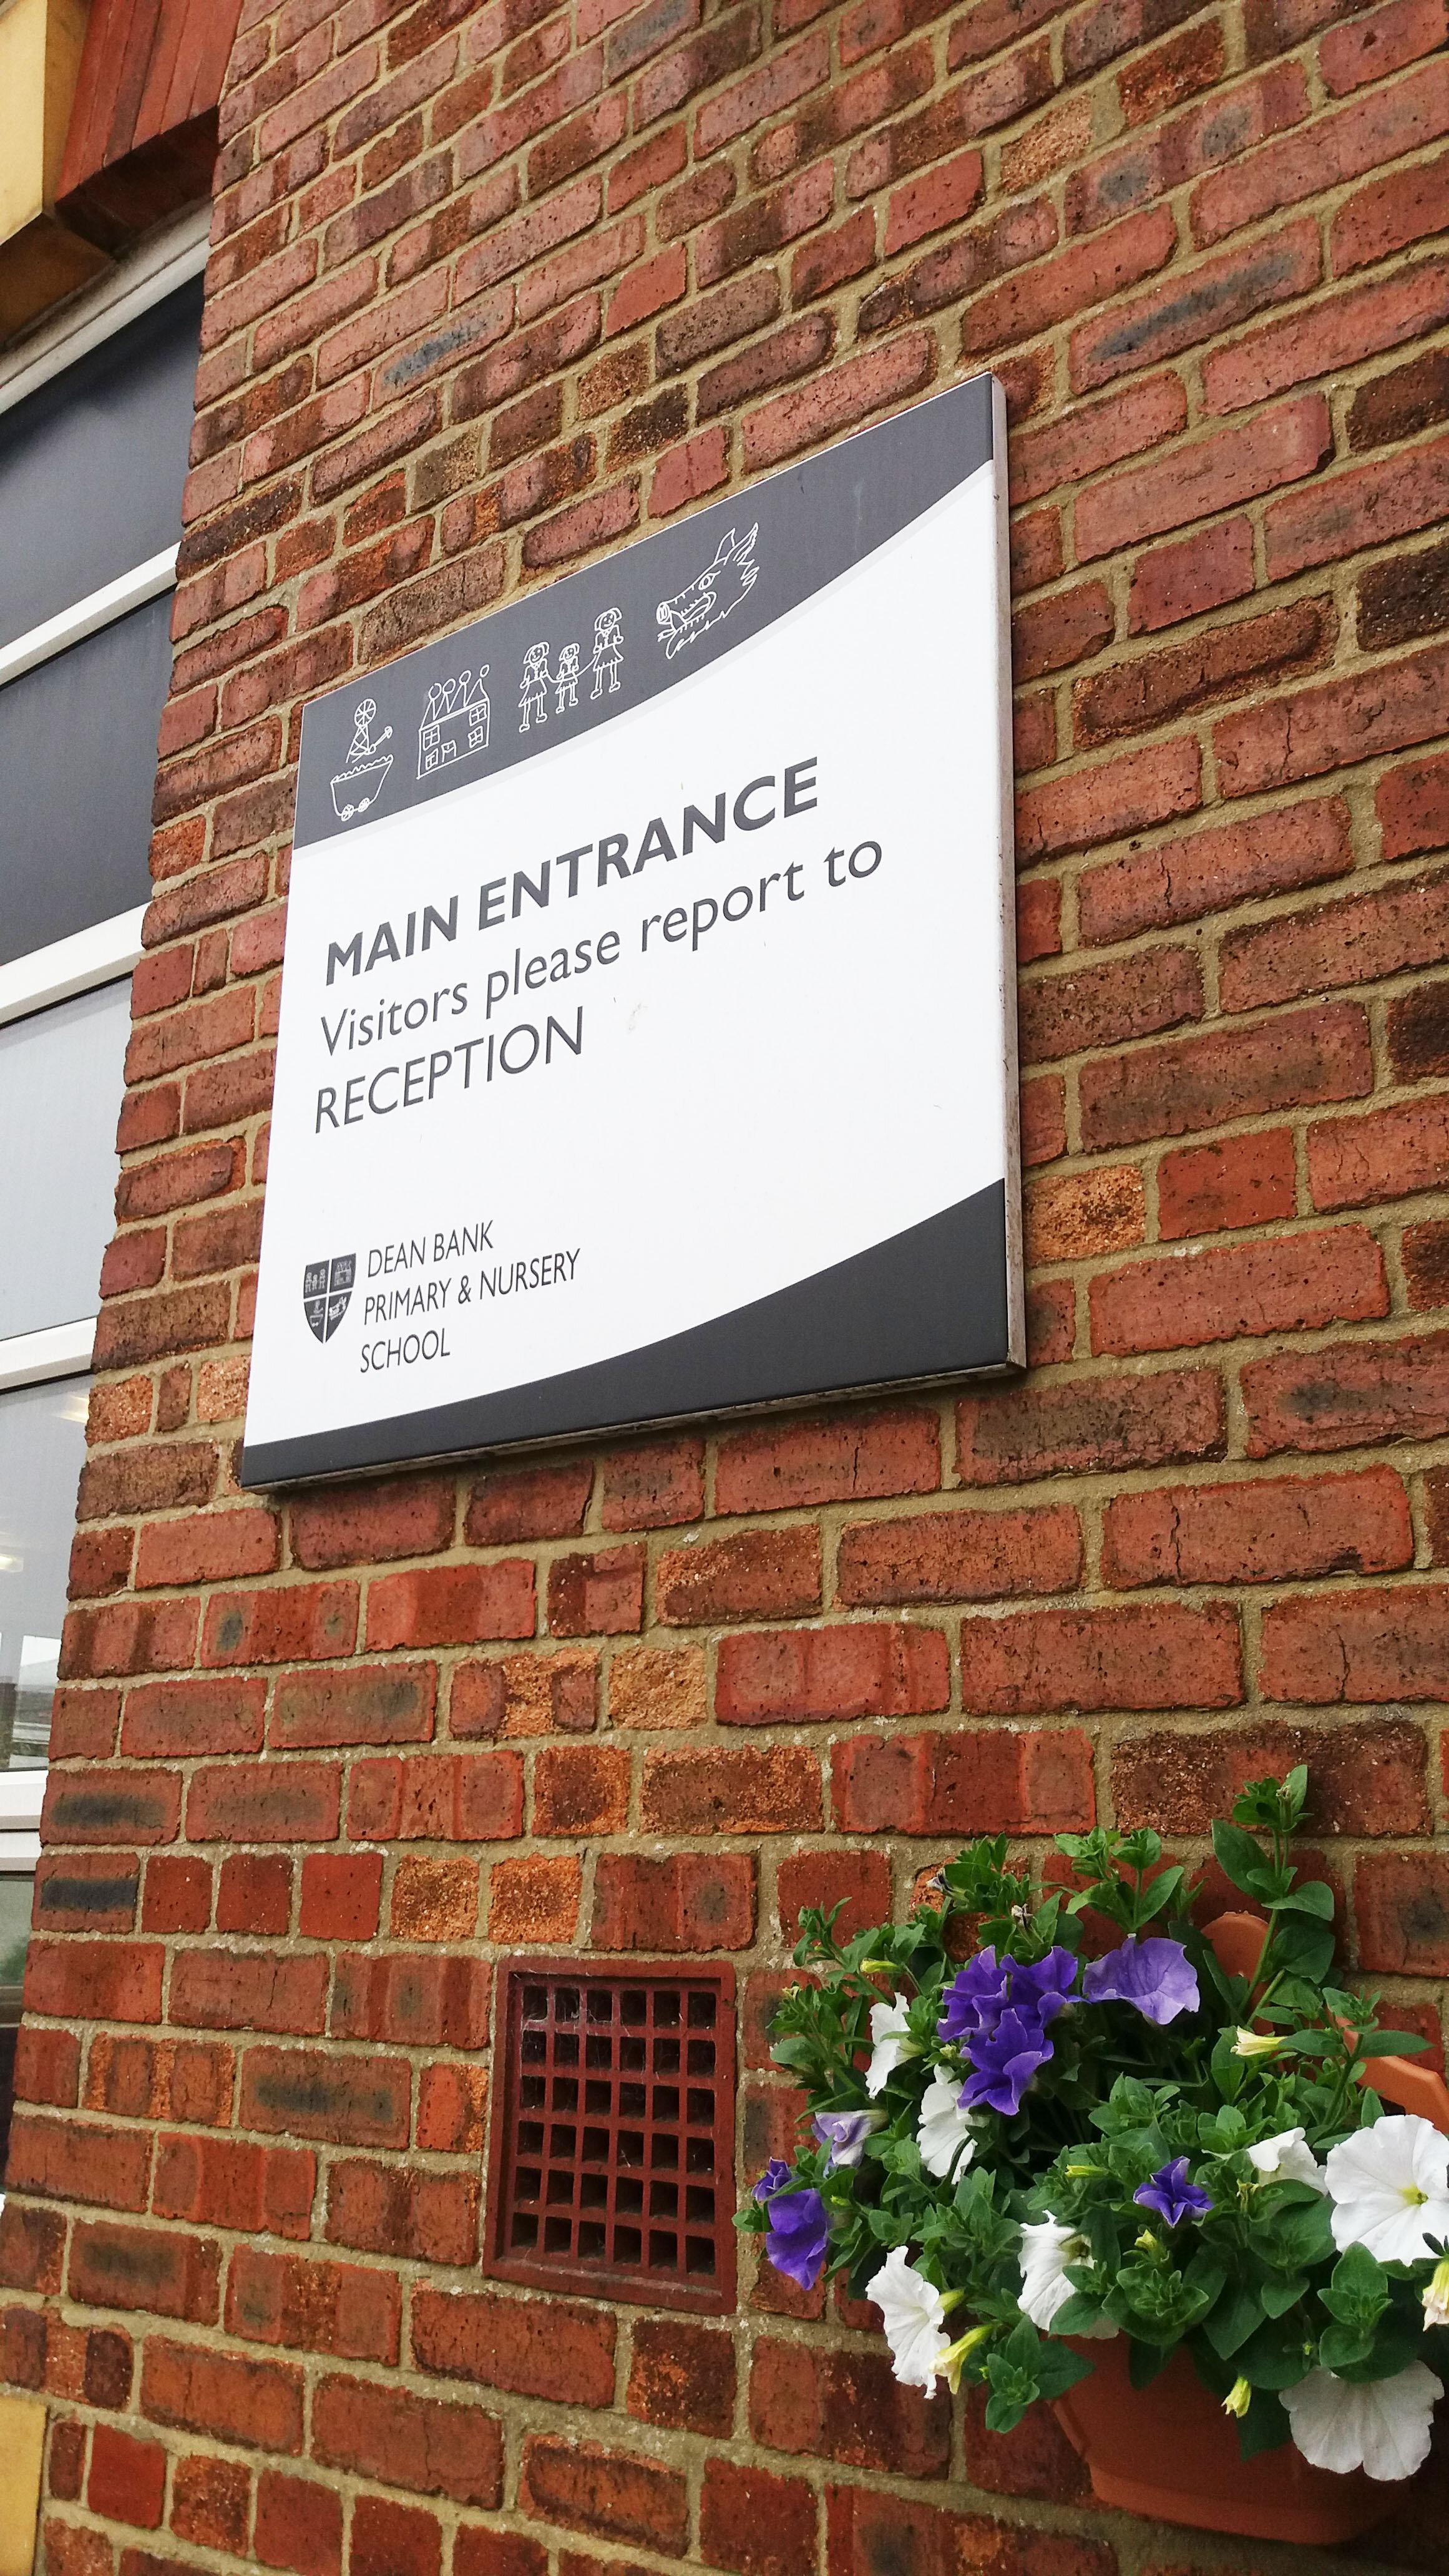 Dean Park Primary & Nursery School